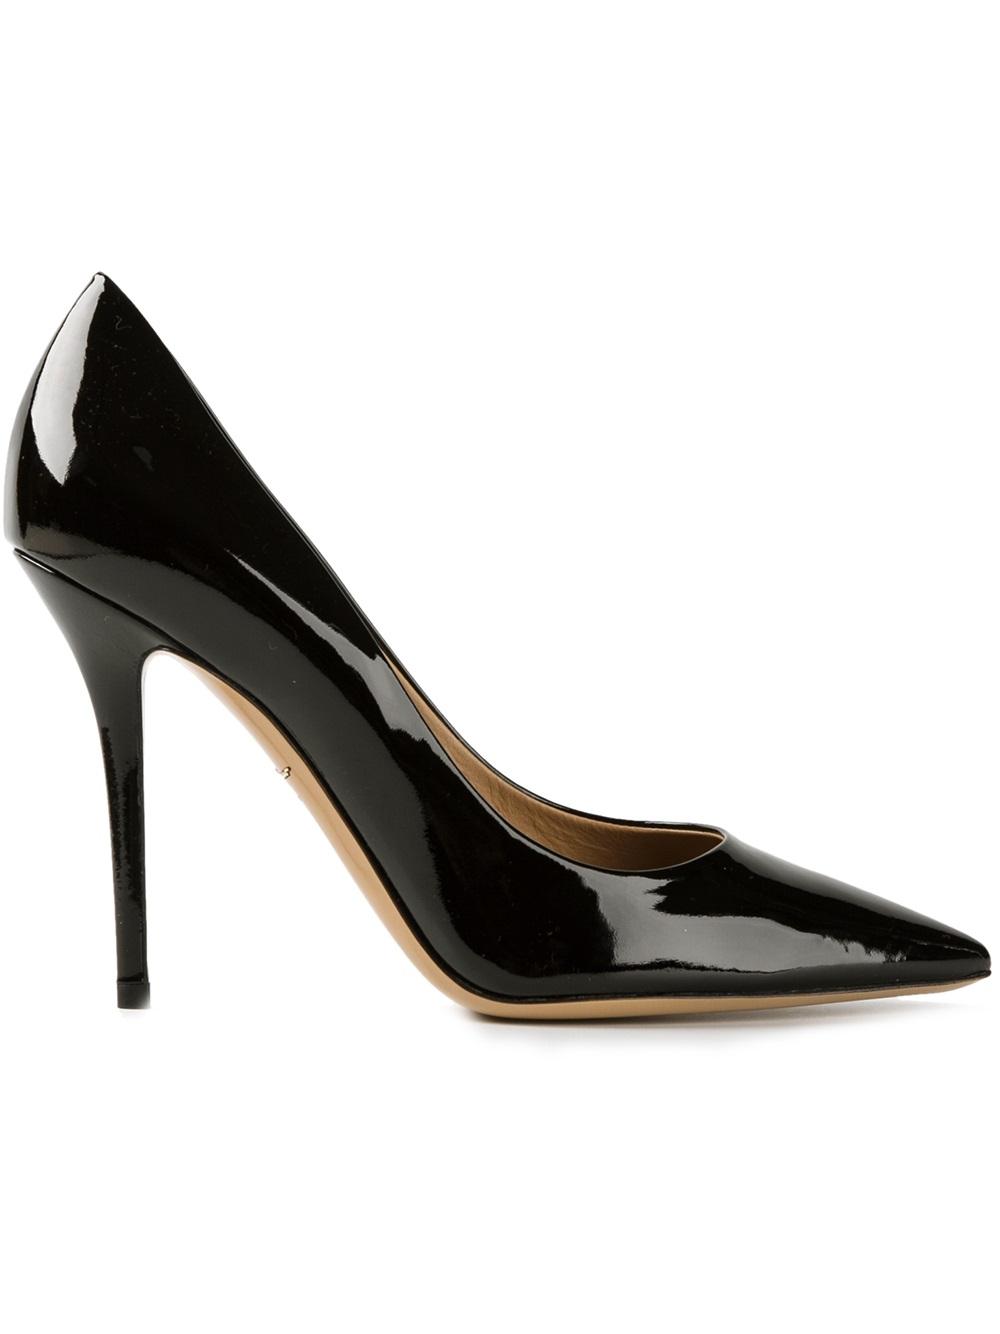 Black Patent Ferragamo Shoes